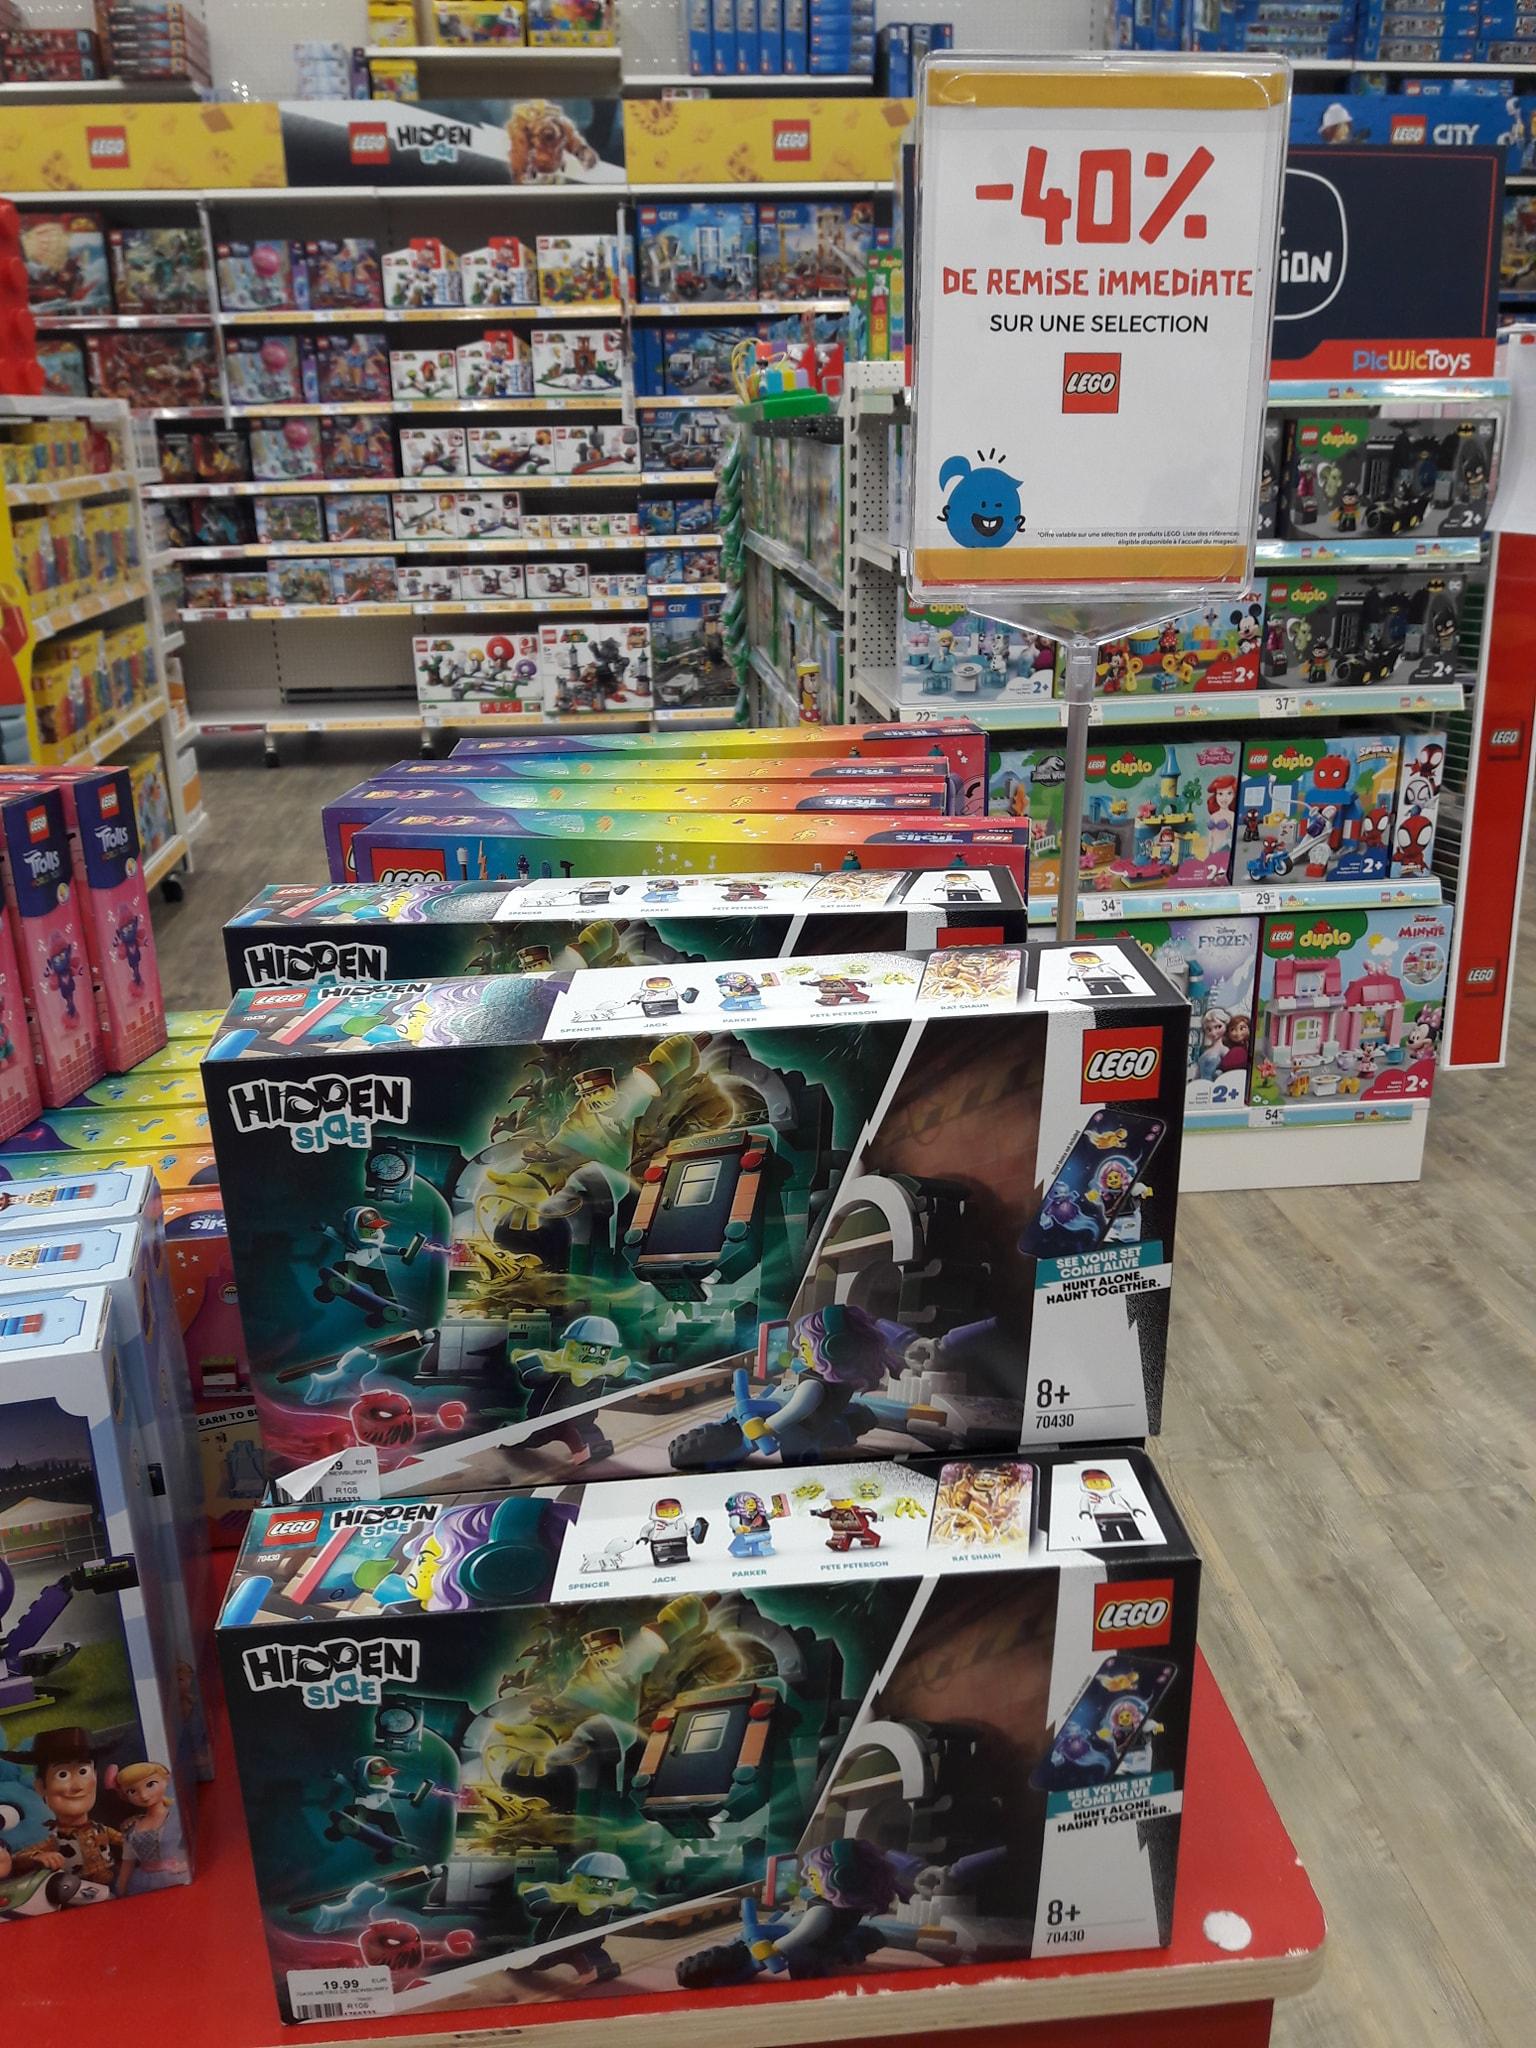 40% de réduction sur une sélection de jouets Lego - Thillois (51)